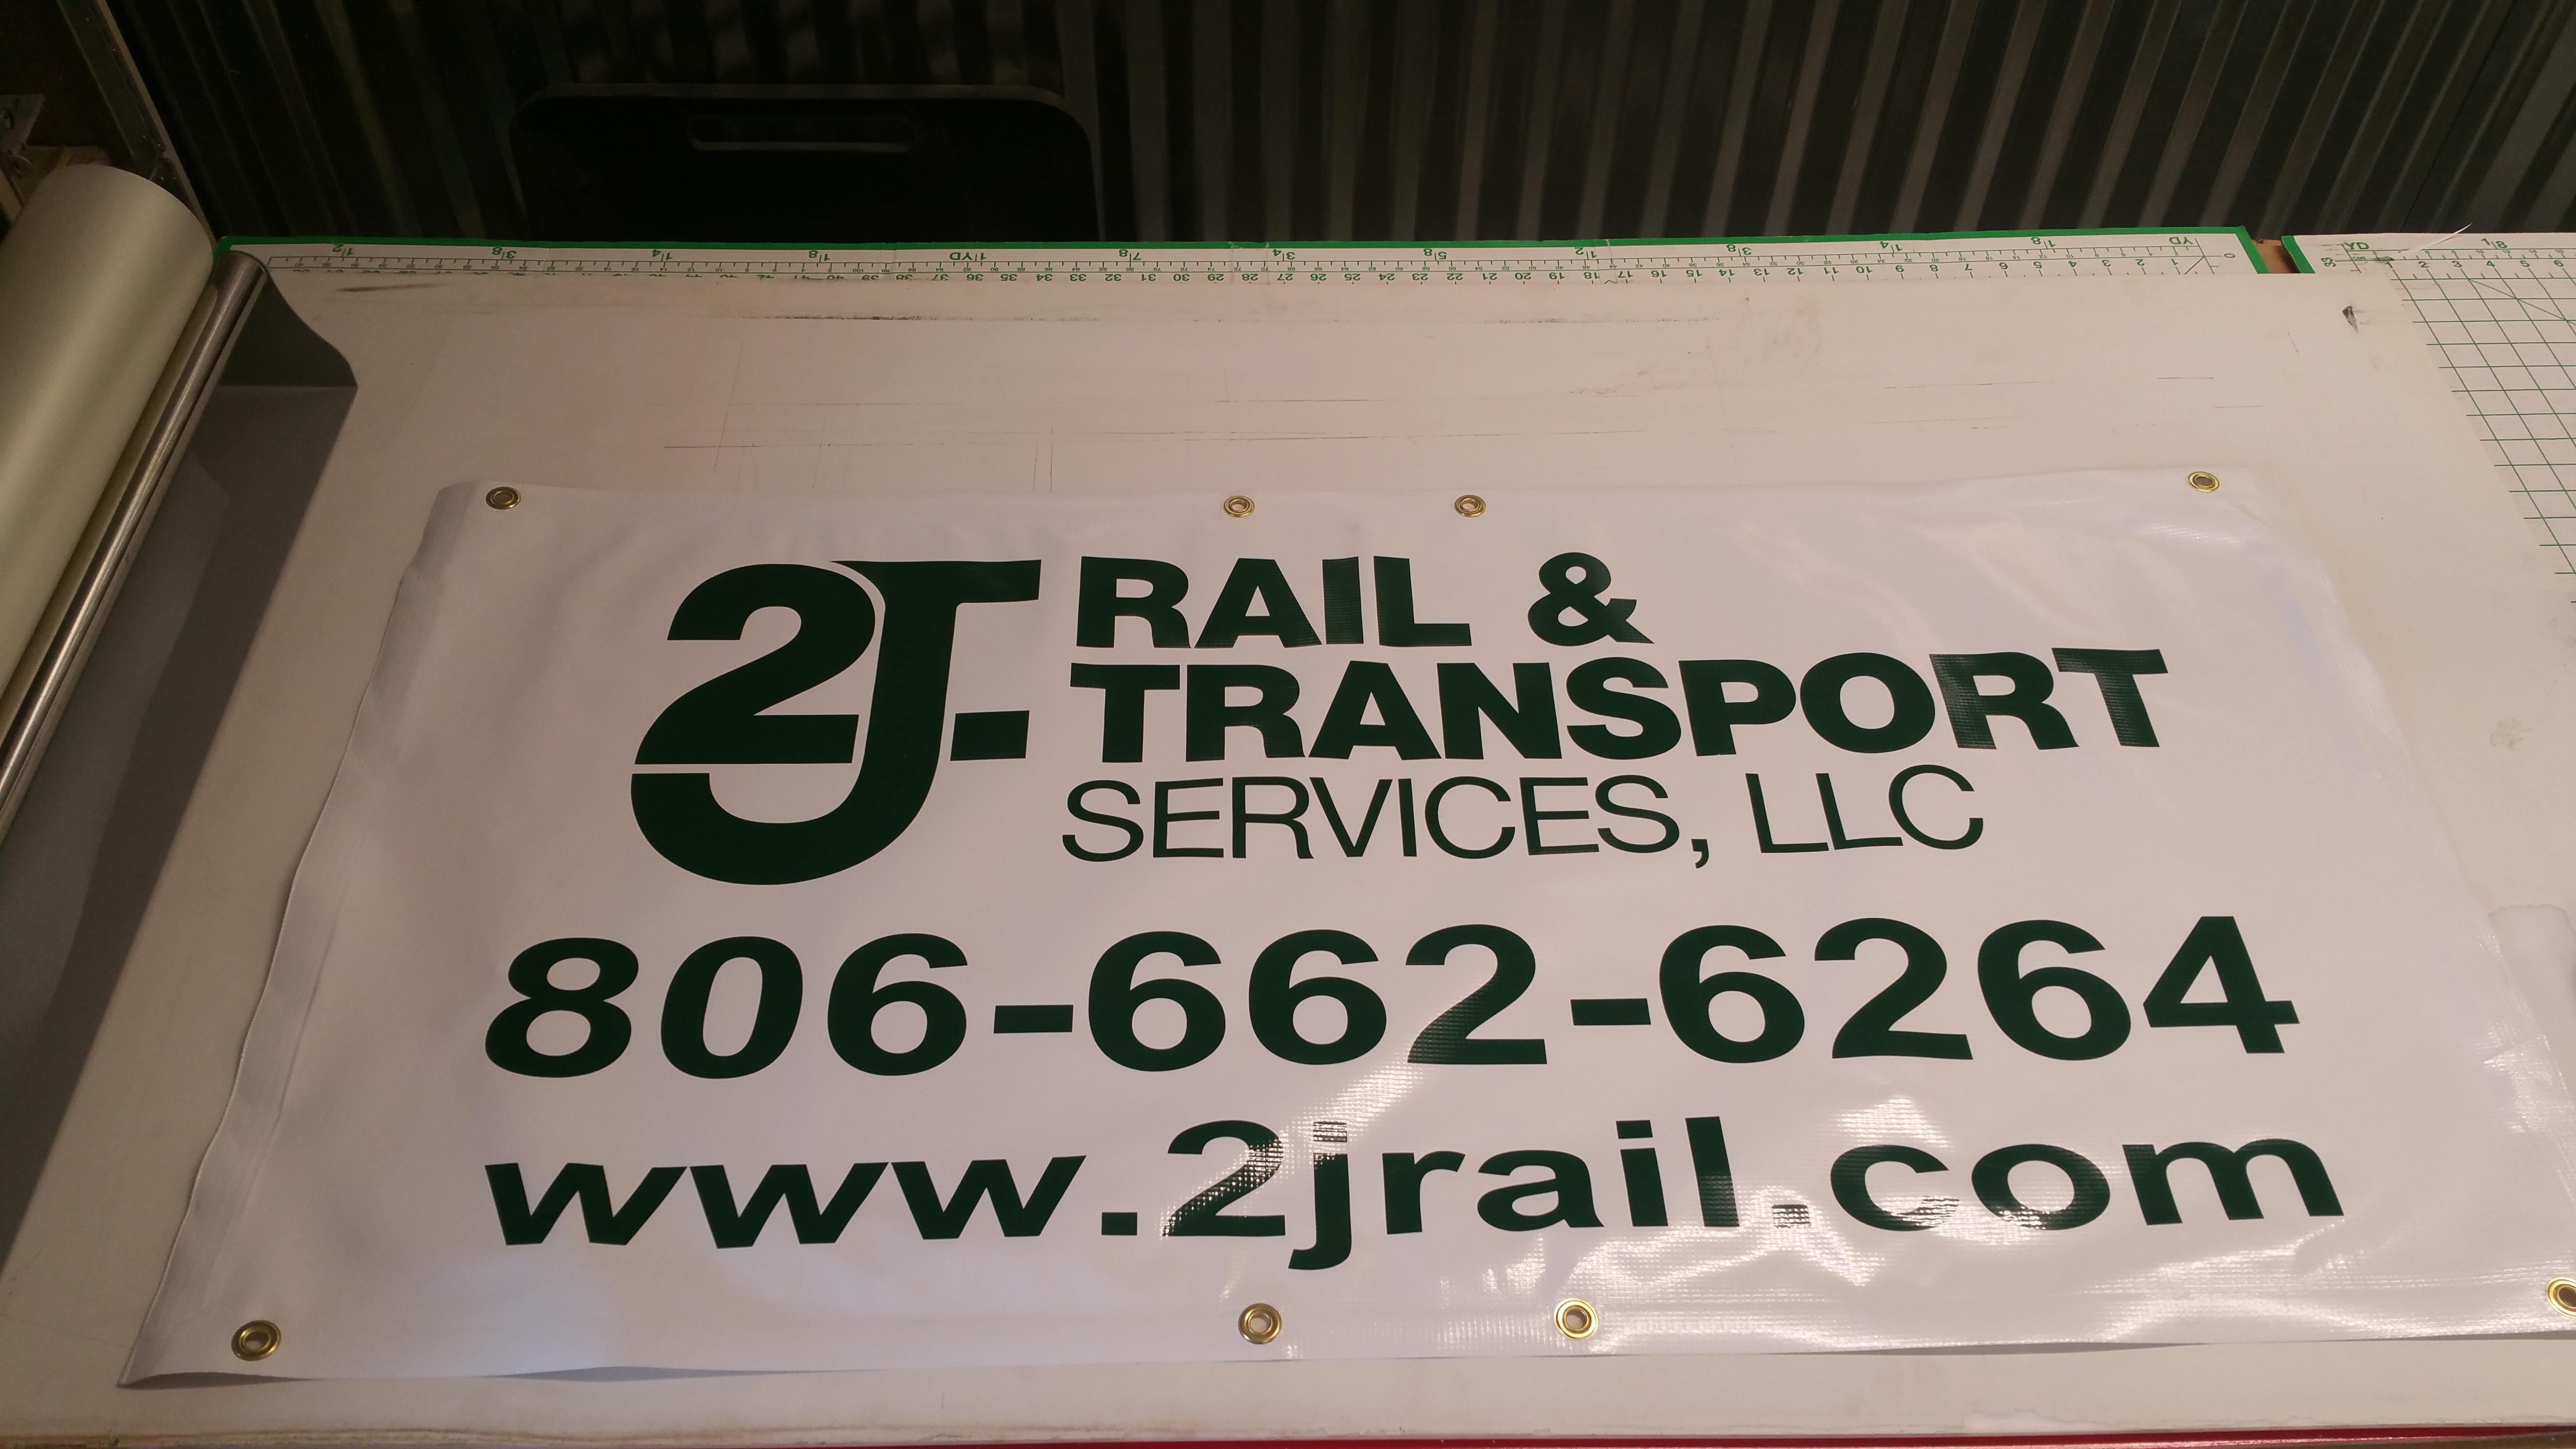 2 j rail